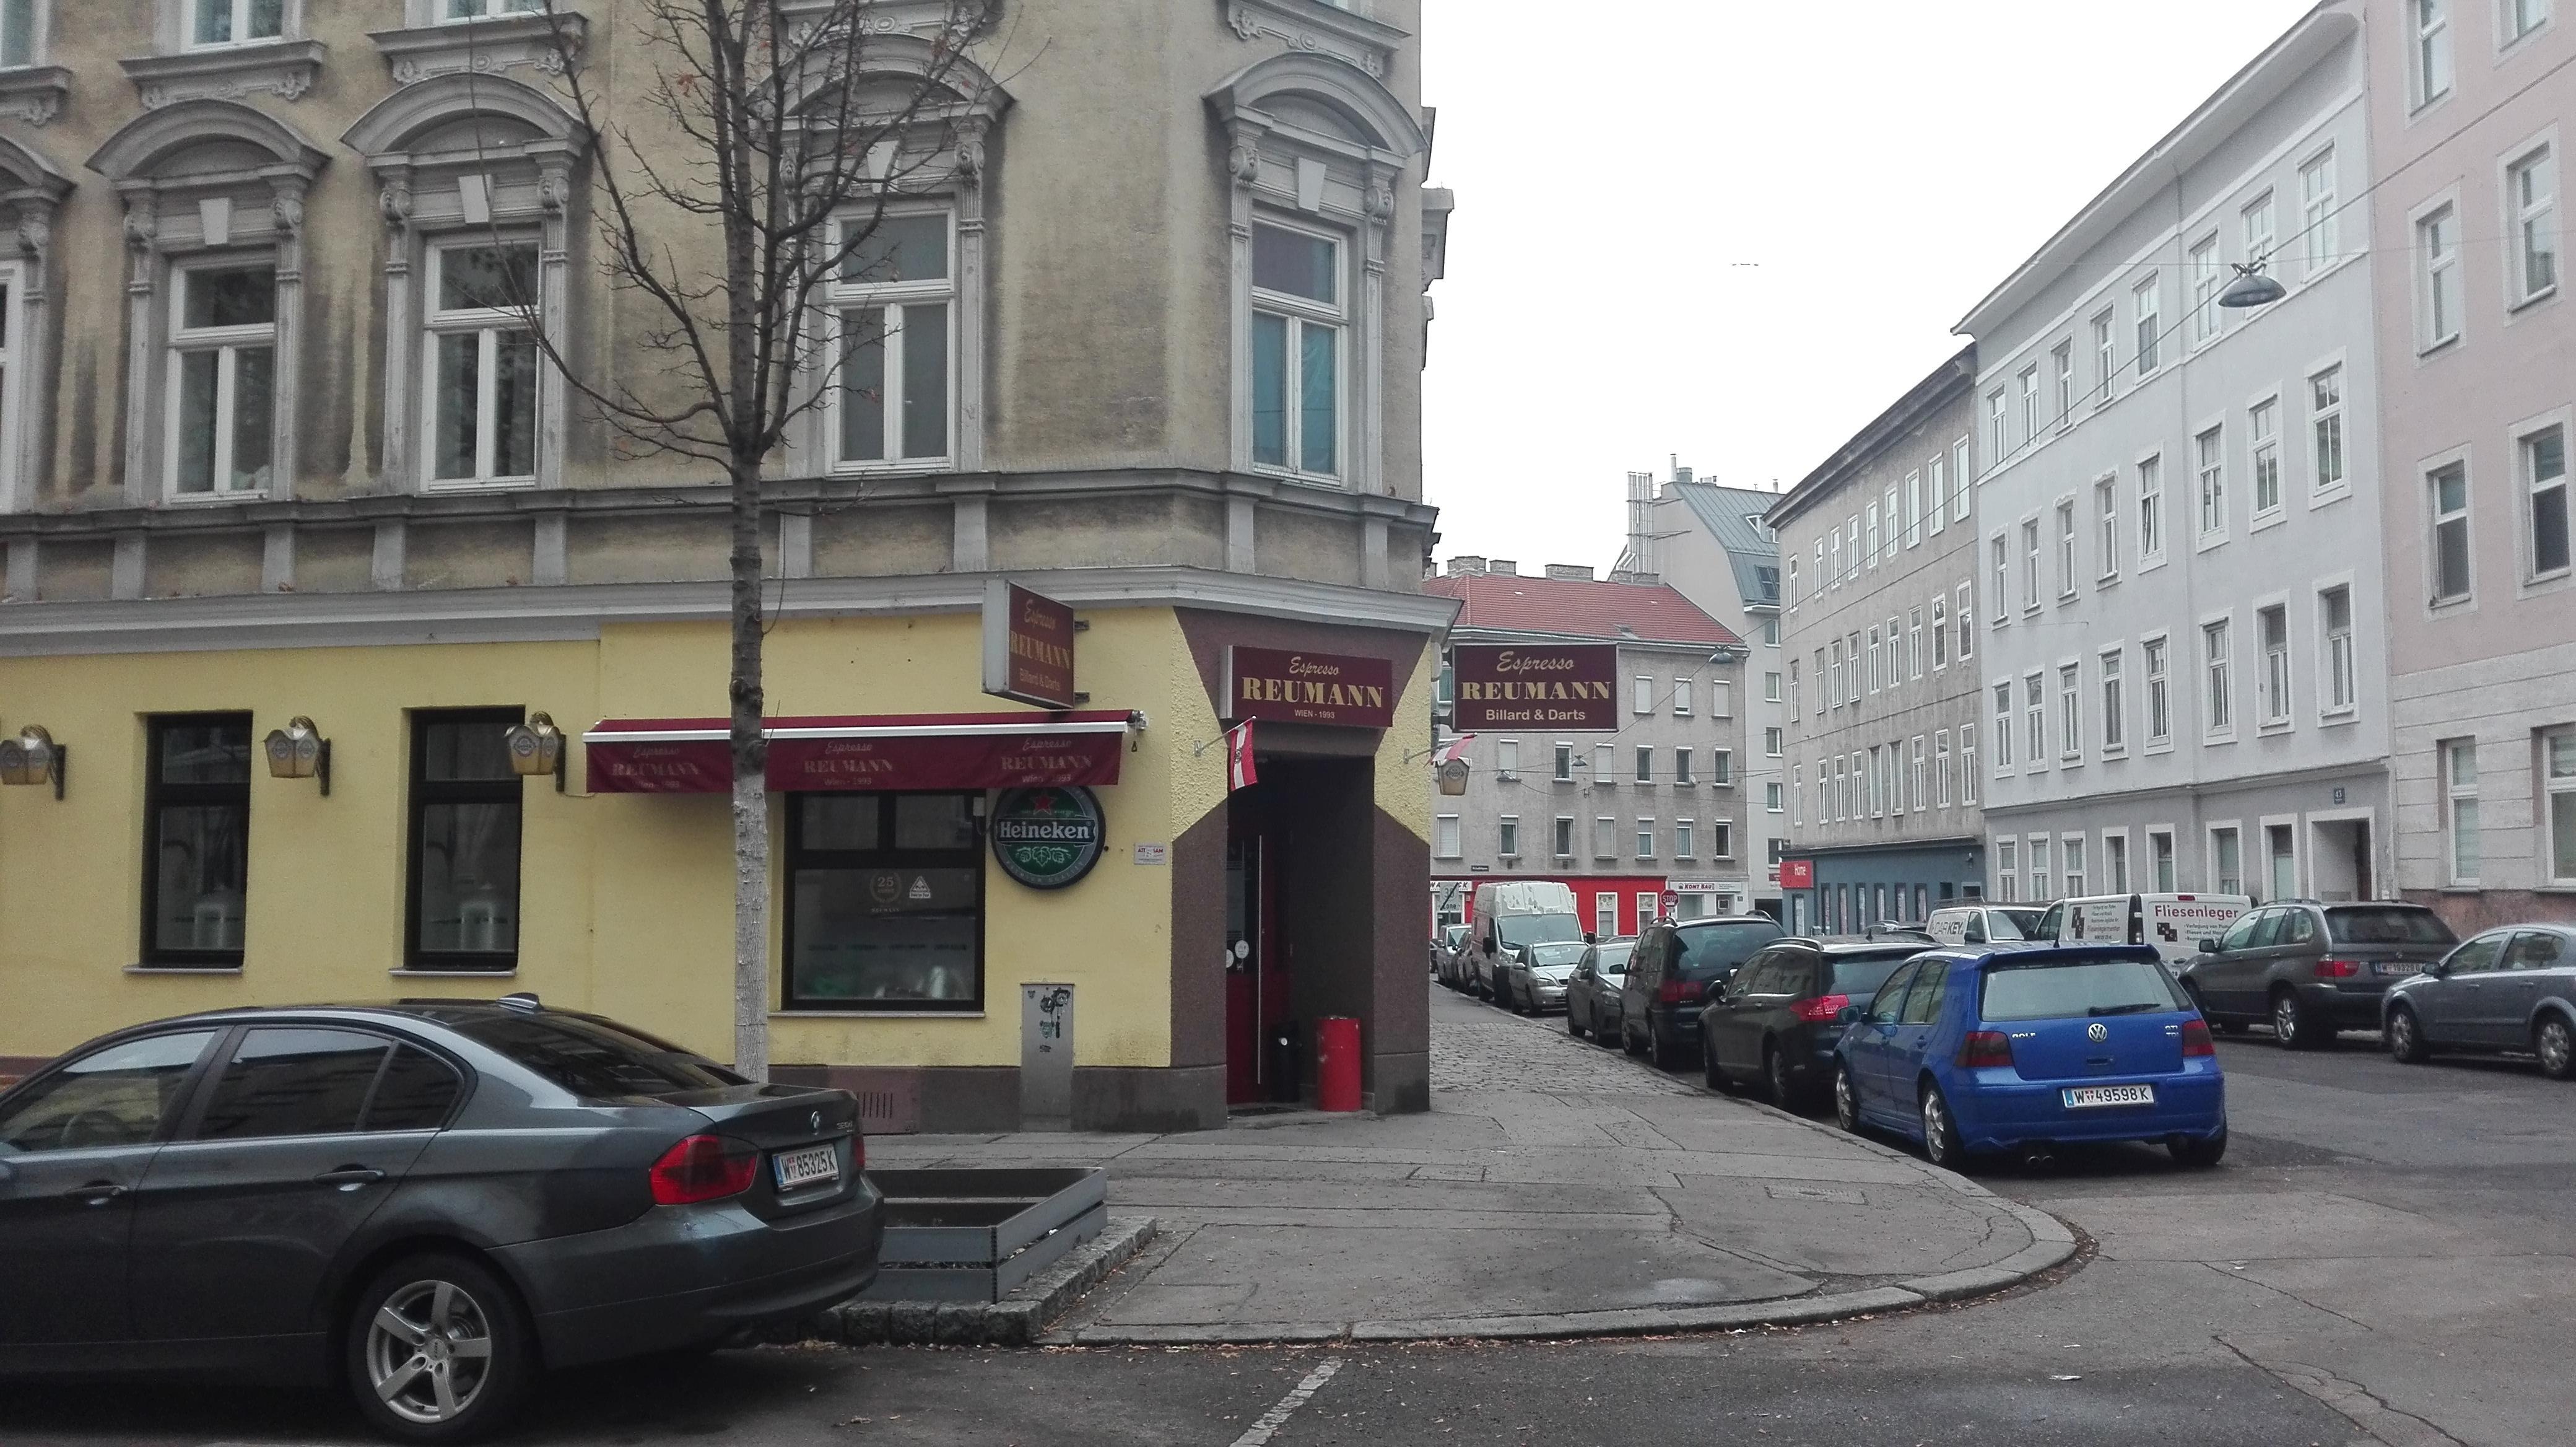 Espresso Reumann, Bürgergasse; Image Credit: Johana Cernochova